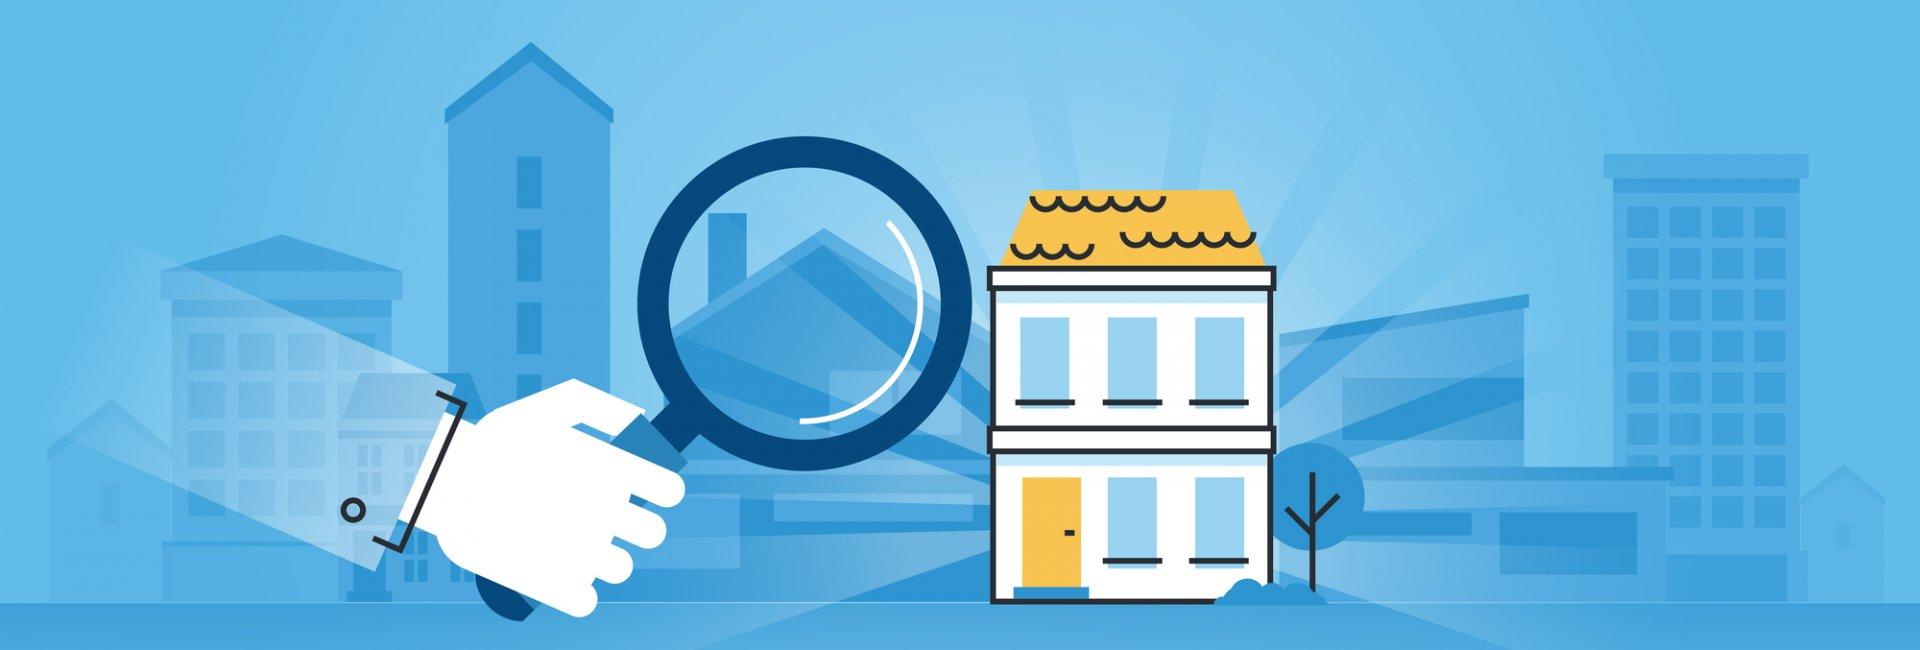 Hypotheek op overwaarde